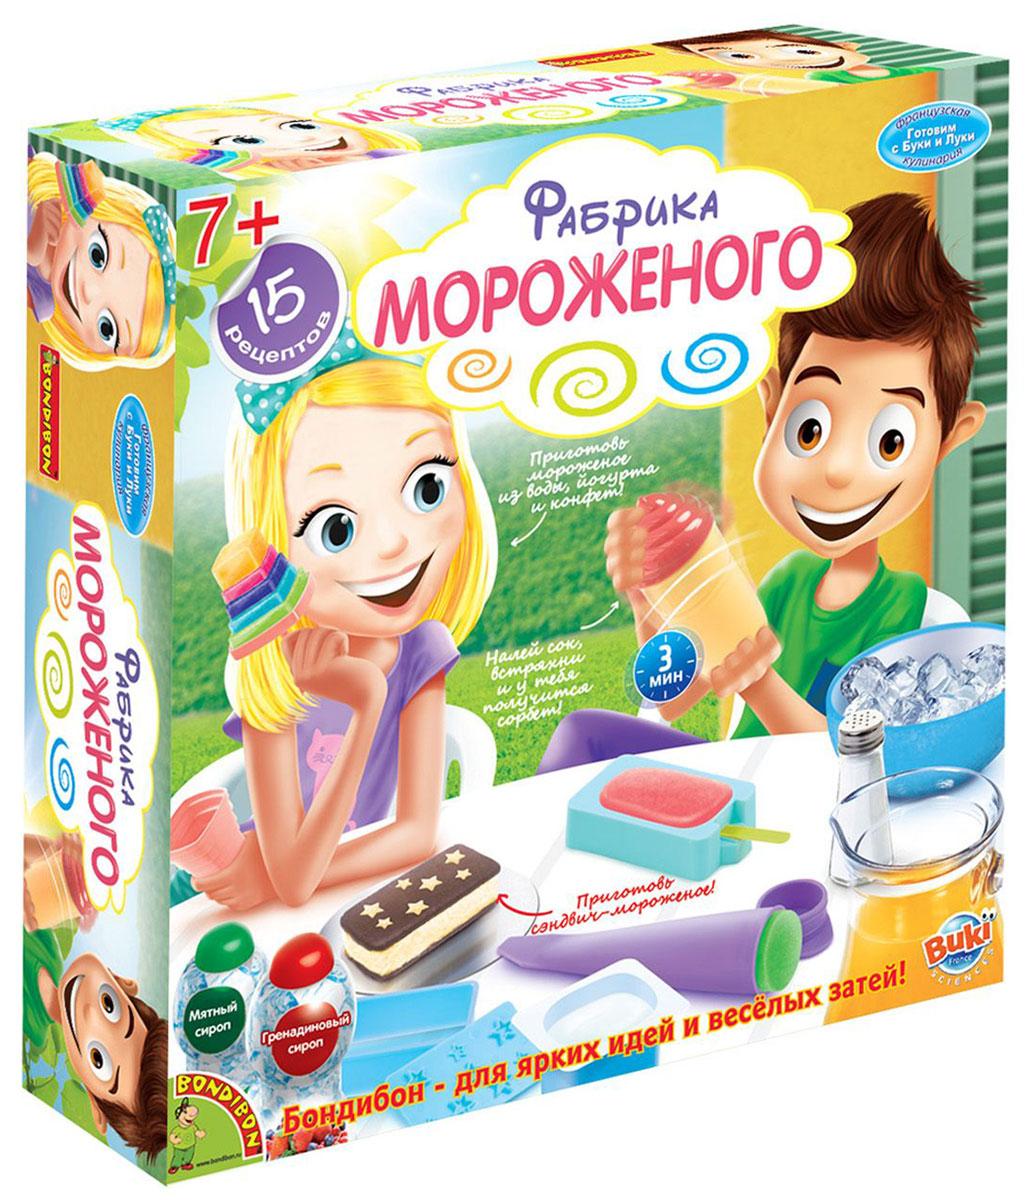 Bondibon Набор для опытов Фабрика мороженогоВВ1190Юным сладкоежкам мы предлагаем скорее поспешить на фабрику мороженого за своими любимыми лакомствами! Нет-нет, никуда бежать не придется - разве что на собственную кухню, чтобы открыть вкусный игровой набор Фабрика мороженого, выбрать из 15 рецептов свой любимый и самостоятельно приготовить холодное лакомство с любым наполнителем: клубничным, шоколадным, апельсиновым, мятным, с орехами, печеньем, шоколадной крошкой или фруктами. Это может быть мороженое в рожке, эскимо на палочке или мороженое-сэндвич - какое захочет маленький лакомка! Для этого в наборе, кроме уникальных рецептов с яркими рисунками, есть все необходимое, чтобы легко приготовить вкуснейший прохладный десерт. Можно и экспериментировать, создавая свои собственные рецепты. Пусть творческая фантазия маленького сладкоежки удивит его близких, и они обязательно оценят по достоинству эти великолепные кондитерские шедевры!